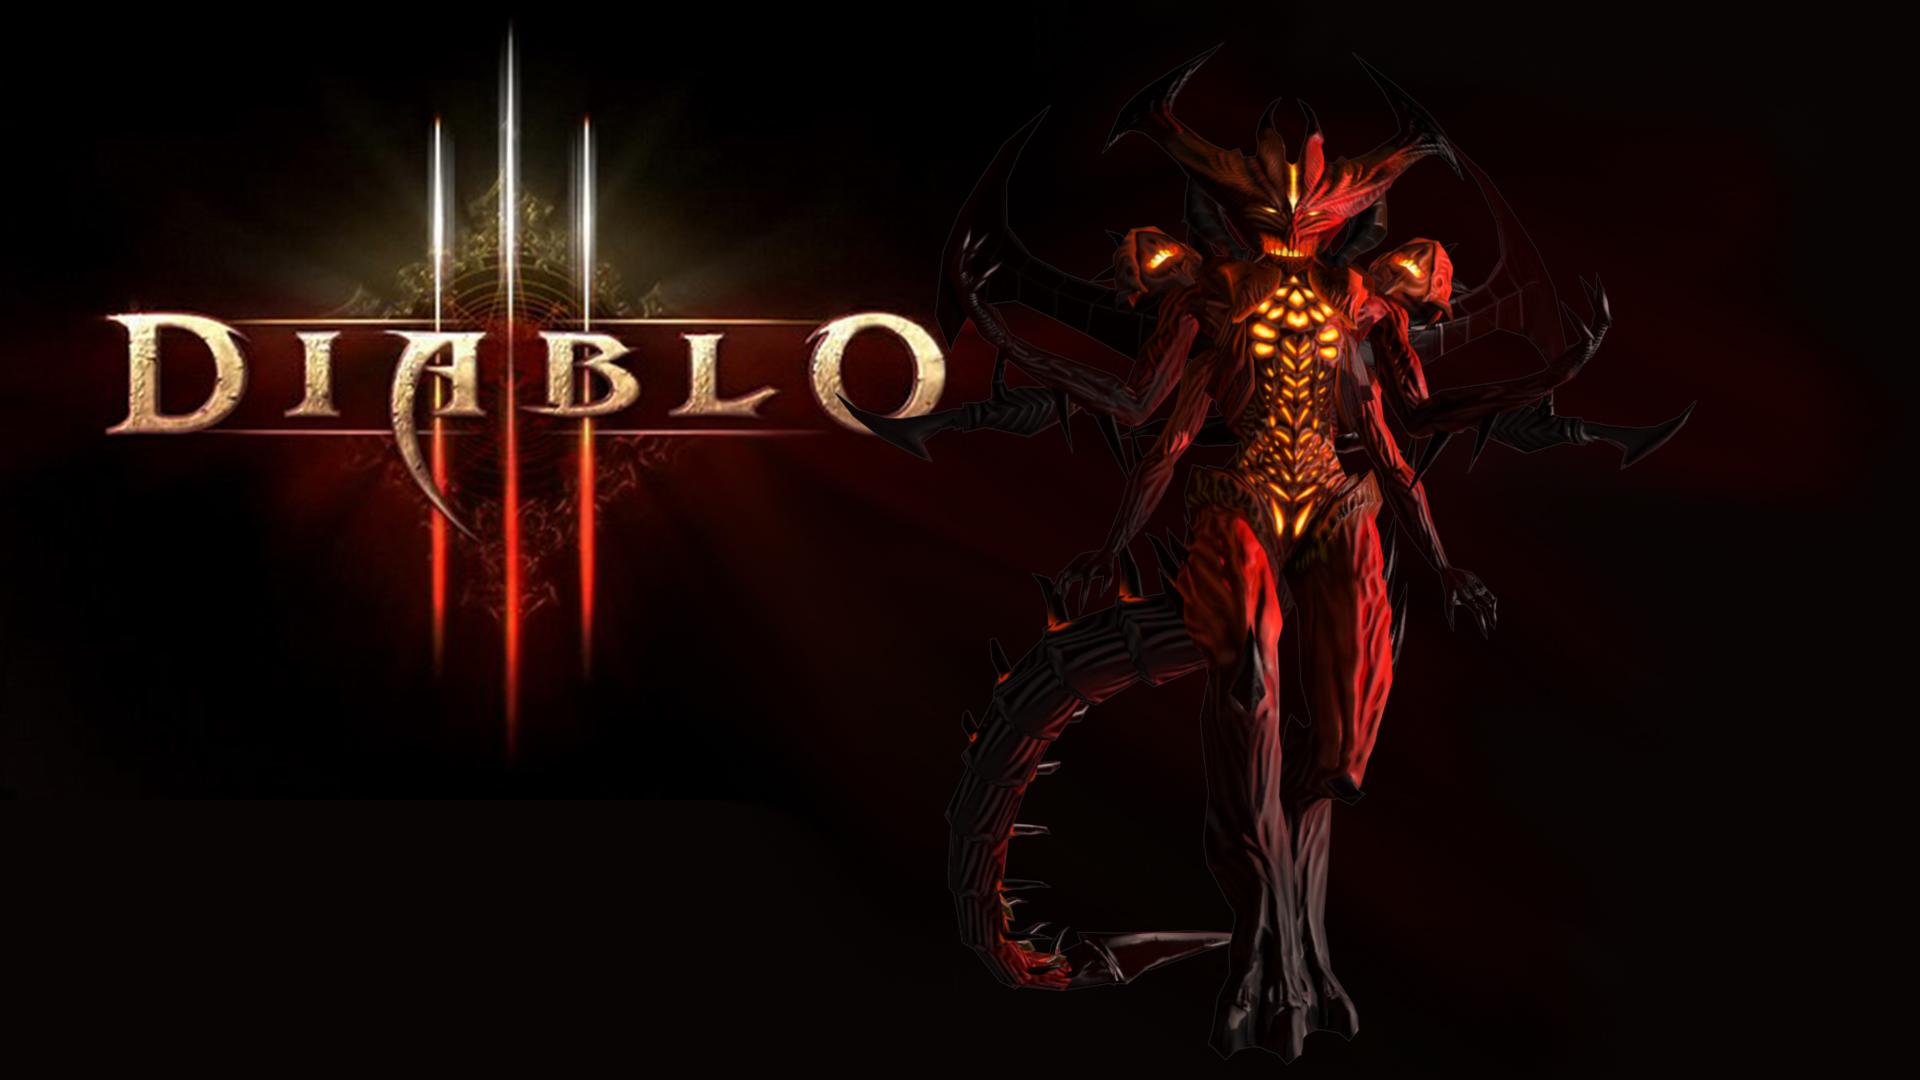 두번째 작품 (Diablo lll 의 디아블로)